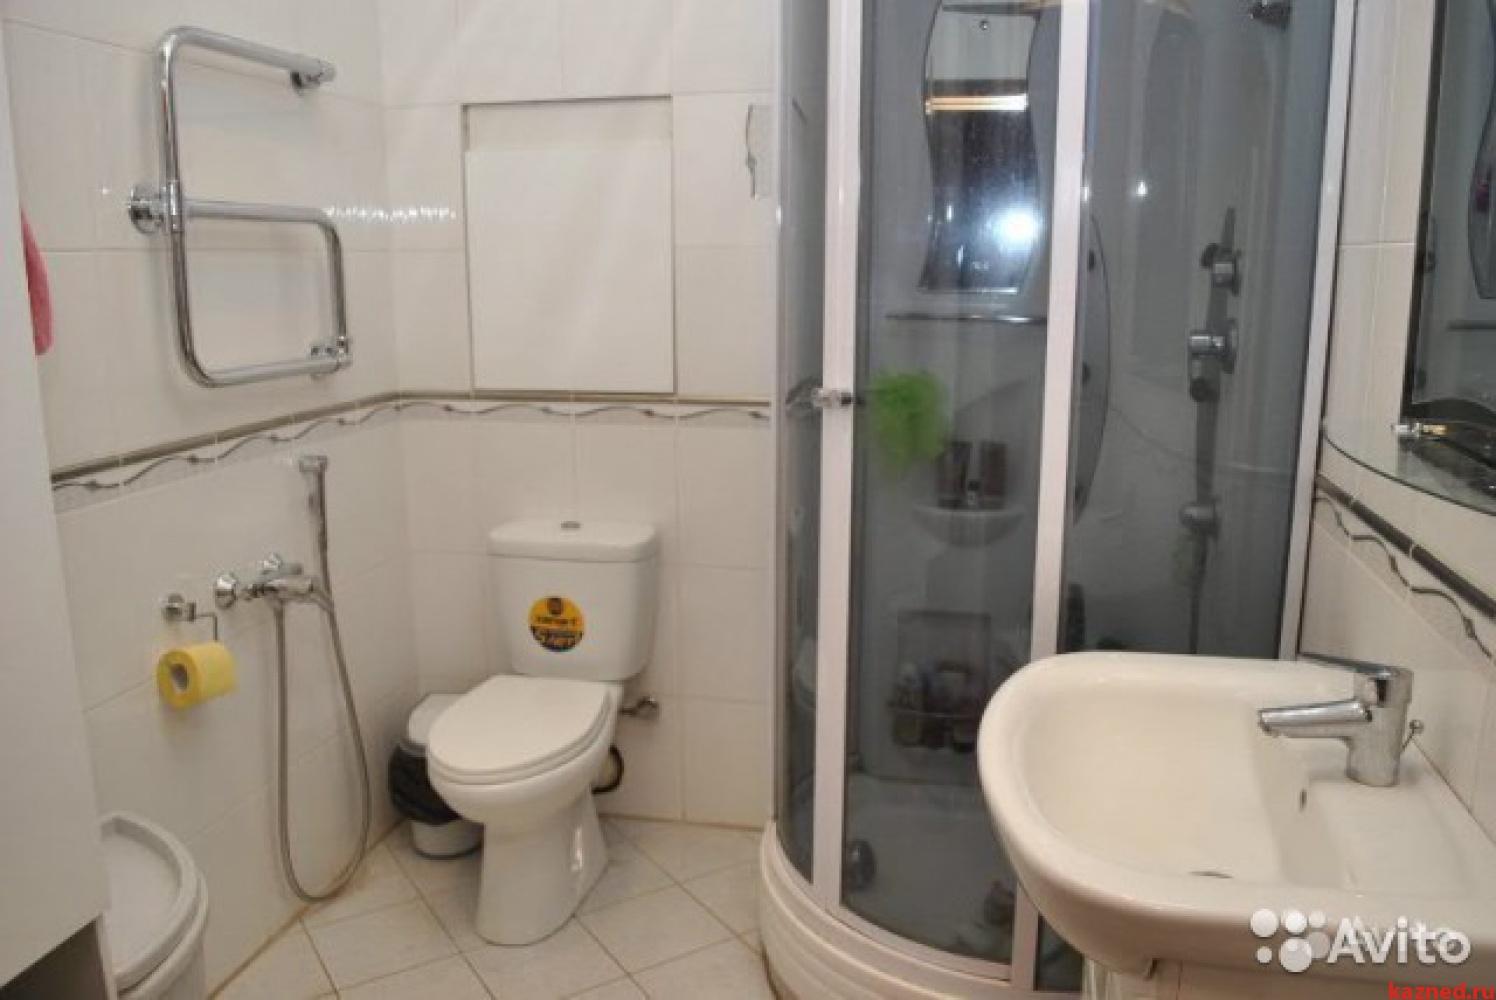 Продажа 3-к квартиры Николая Столярова,5, 117 м2  (миниатюра №2)